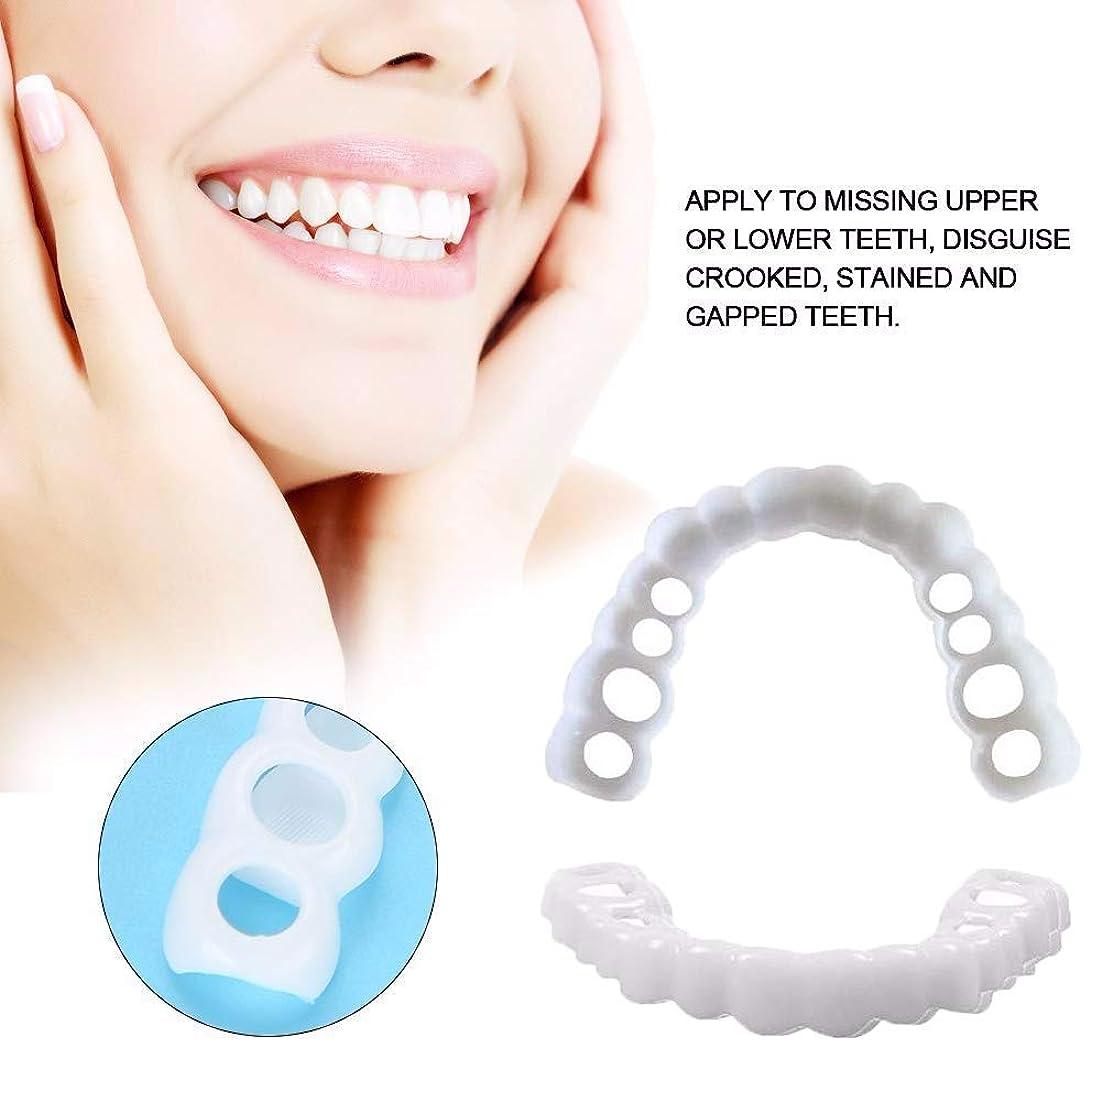 一般的にフレッシュ散る男性用化粧品パーフェクトスマイルトップとボトムの快適な偽歯スナップホワイトニング義歯ホワイトニング義歯(2pcs)